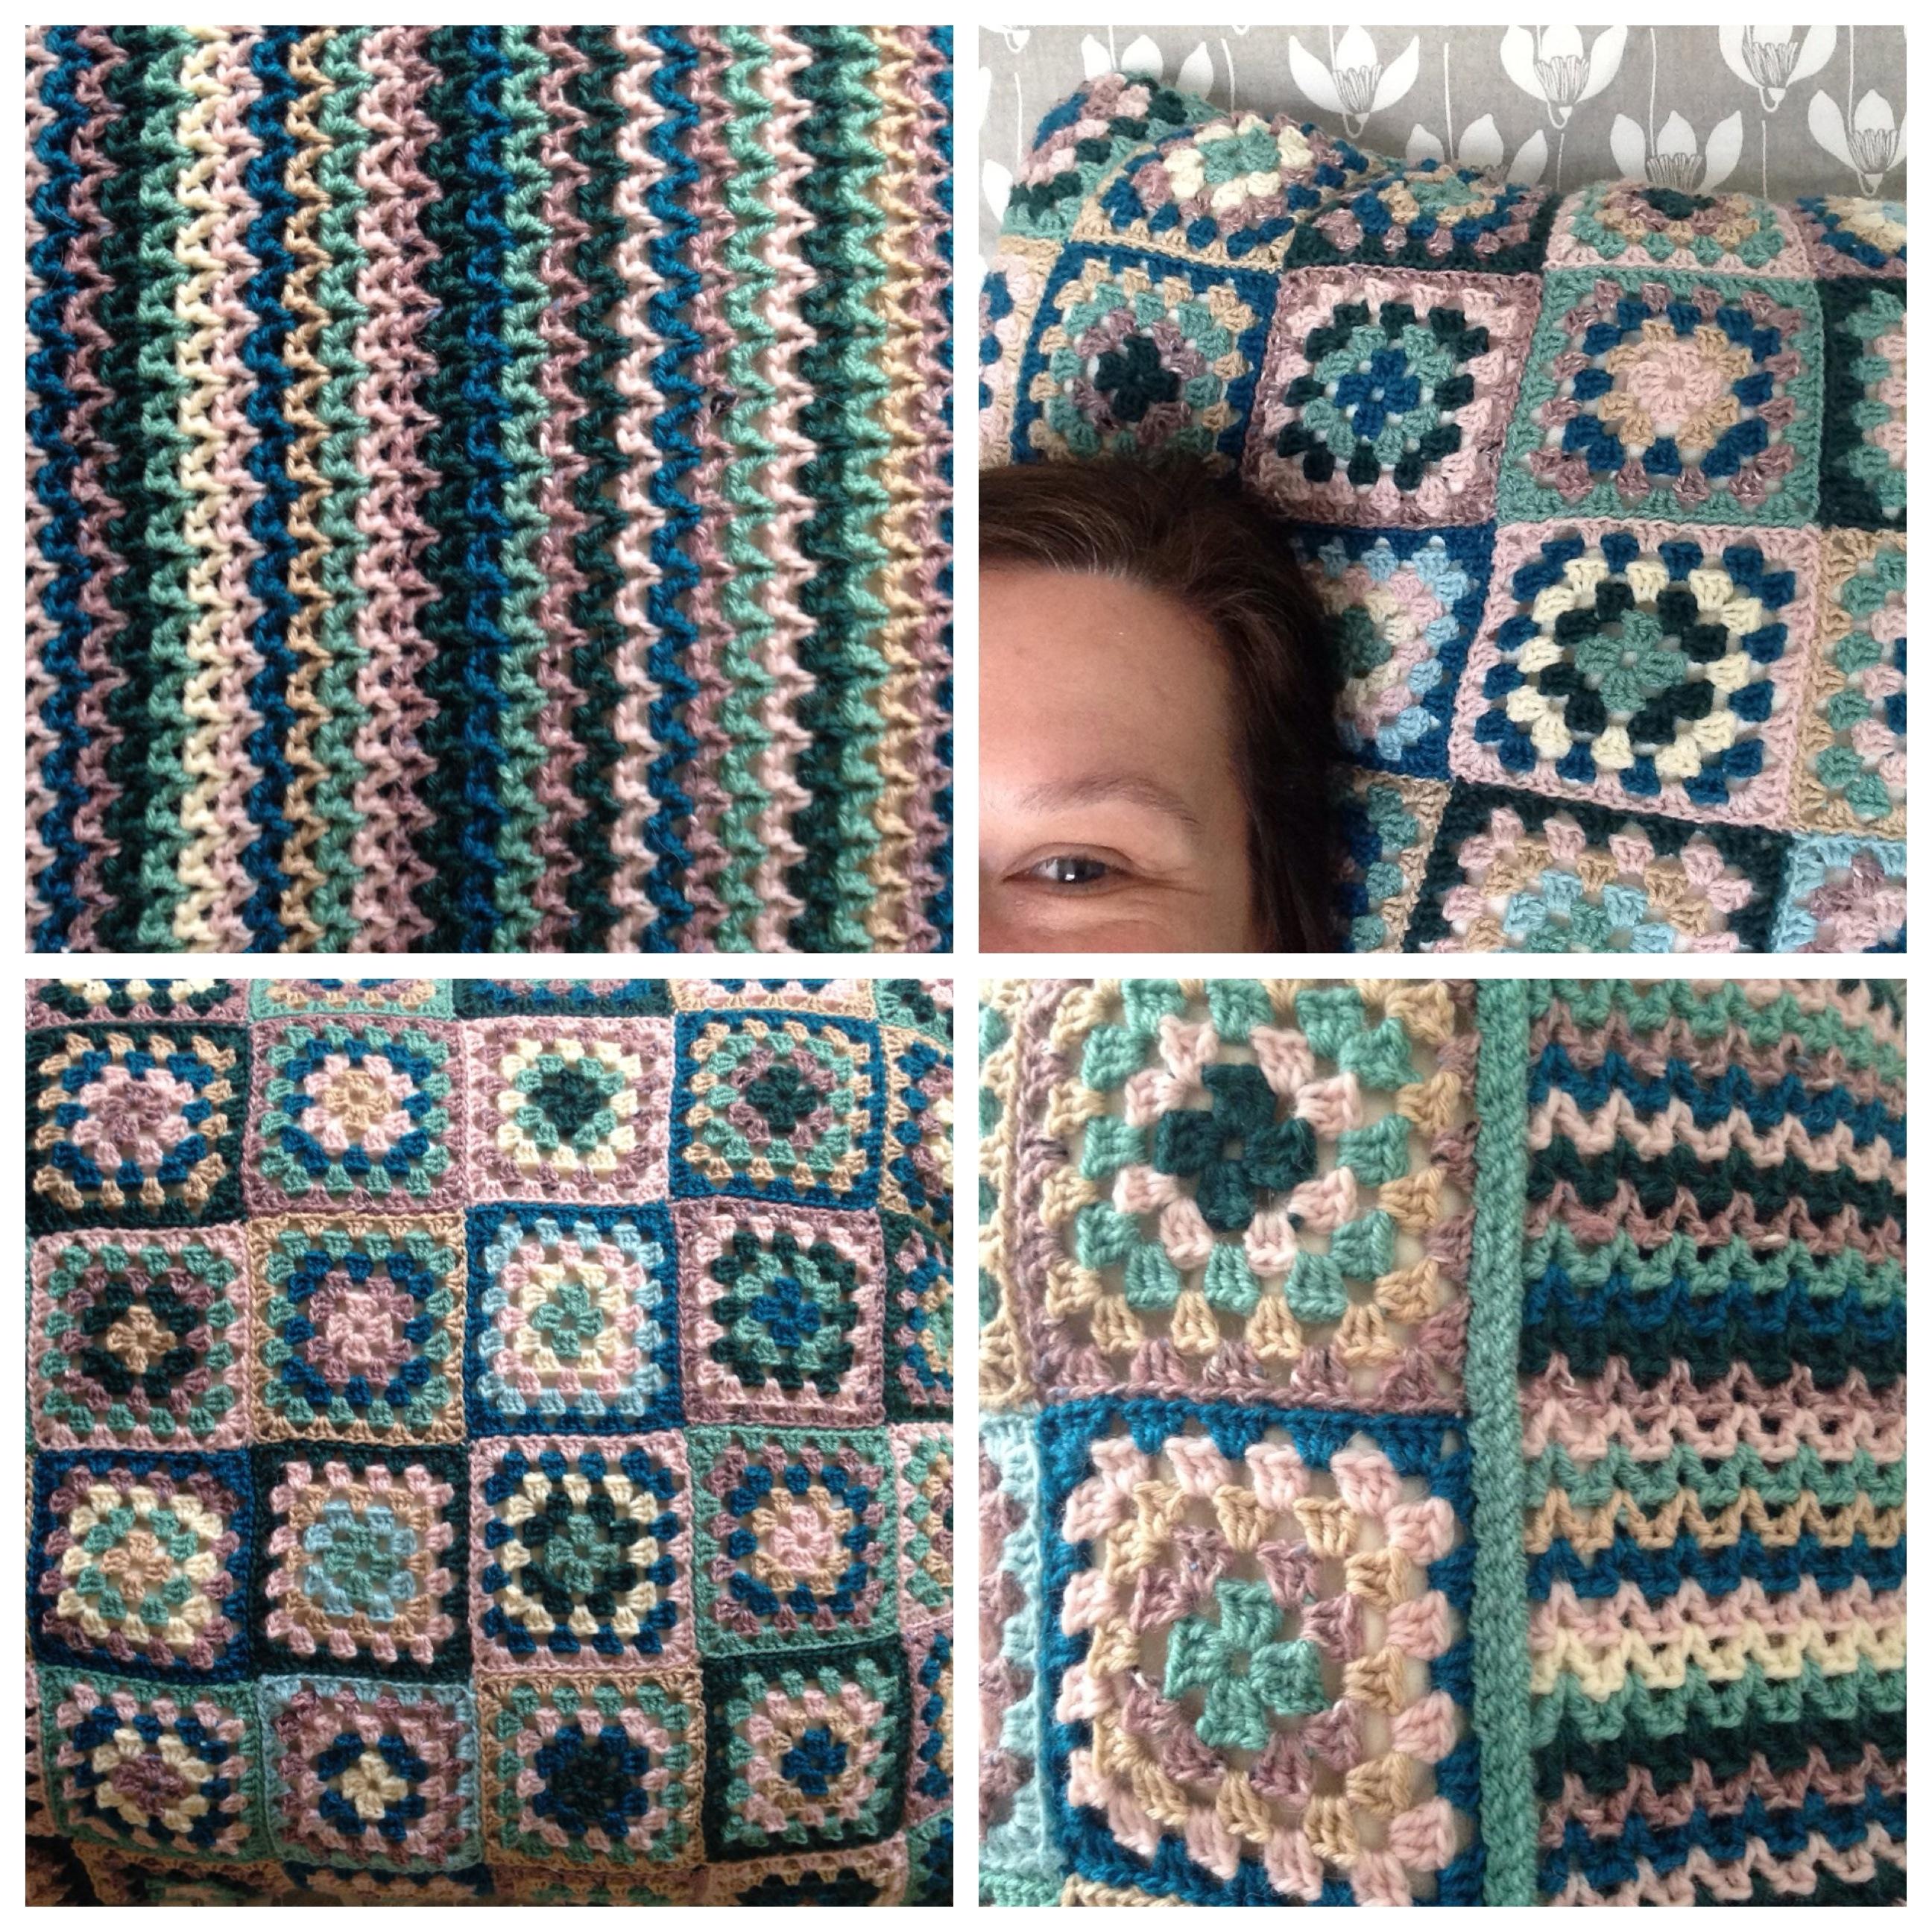 C_Leggett_Lu_crochet 2